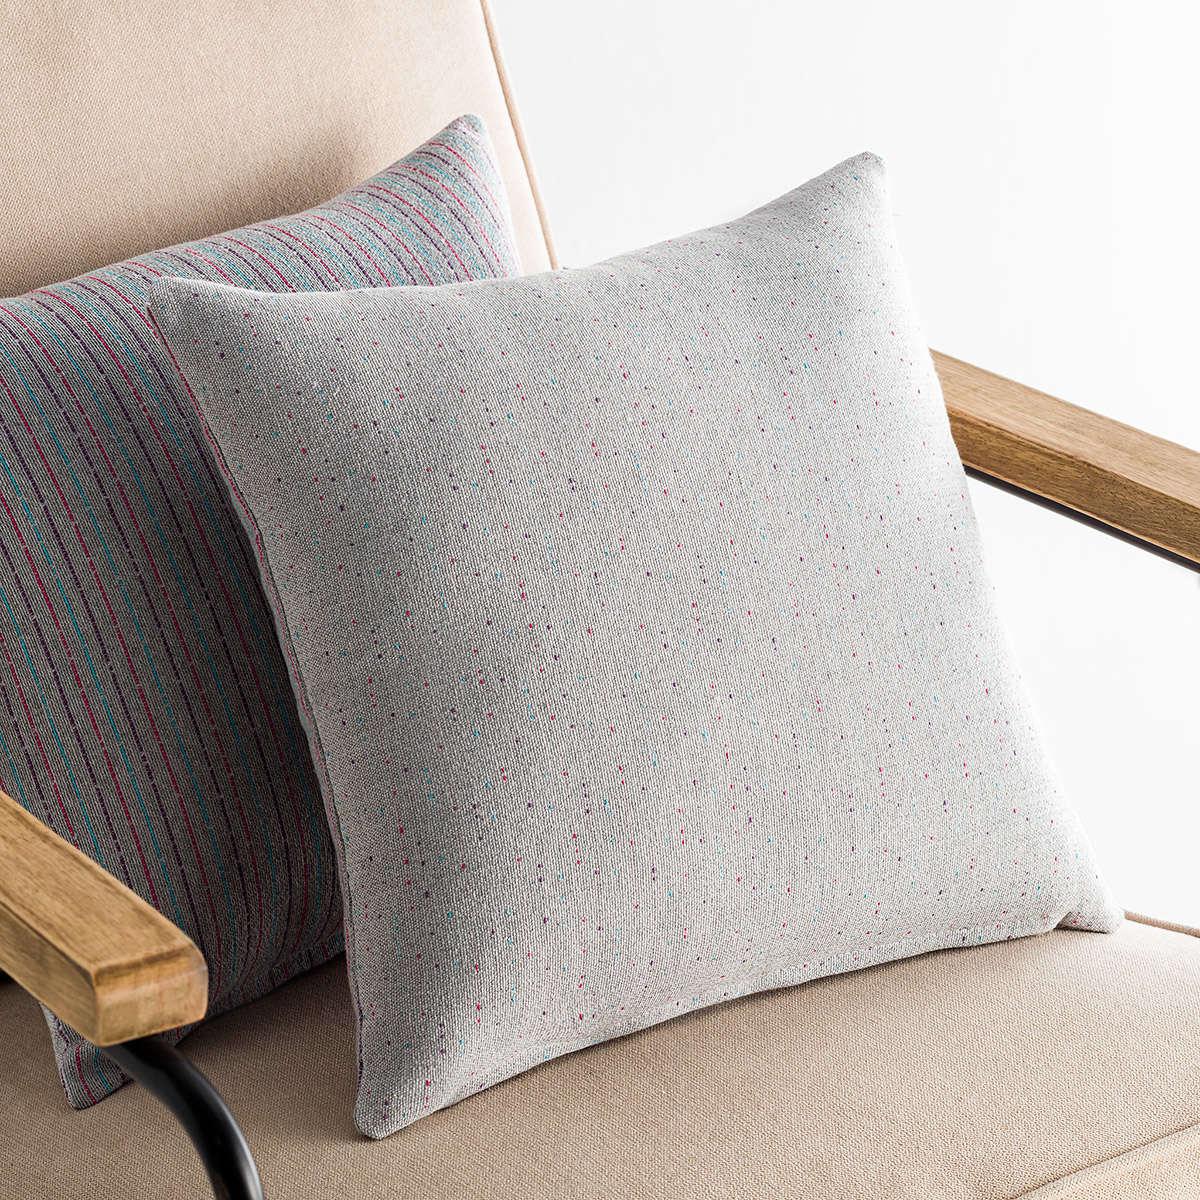 Μαξιλαροθήκη Διακοσμητική Dotly Grey 393/15 Gofis Home 50X50 Βαμβάκι-Polyester